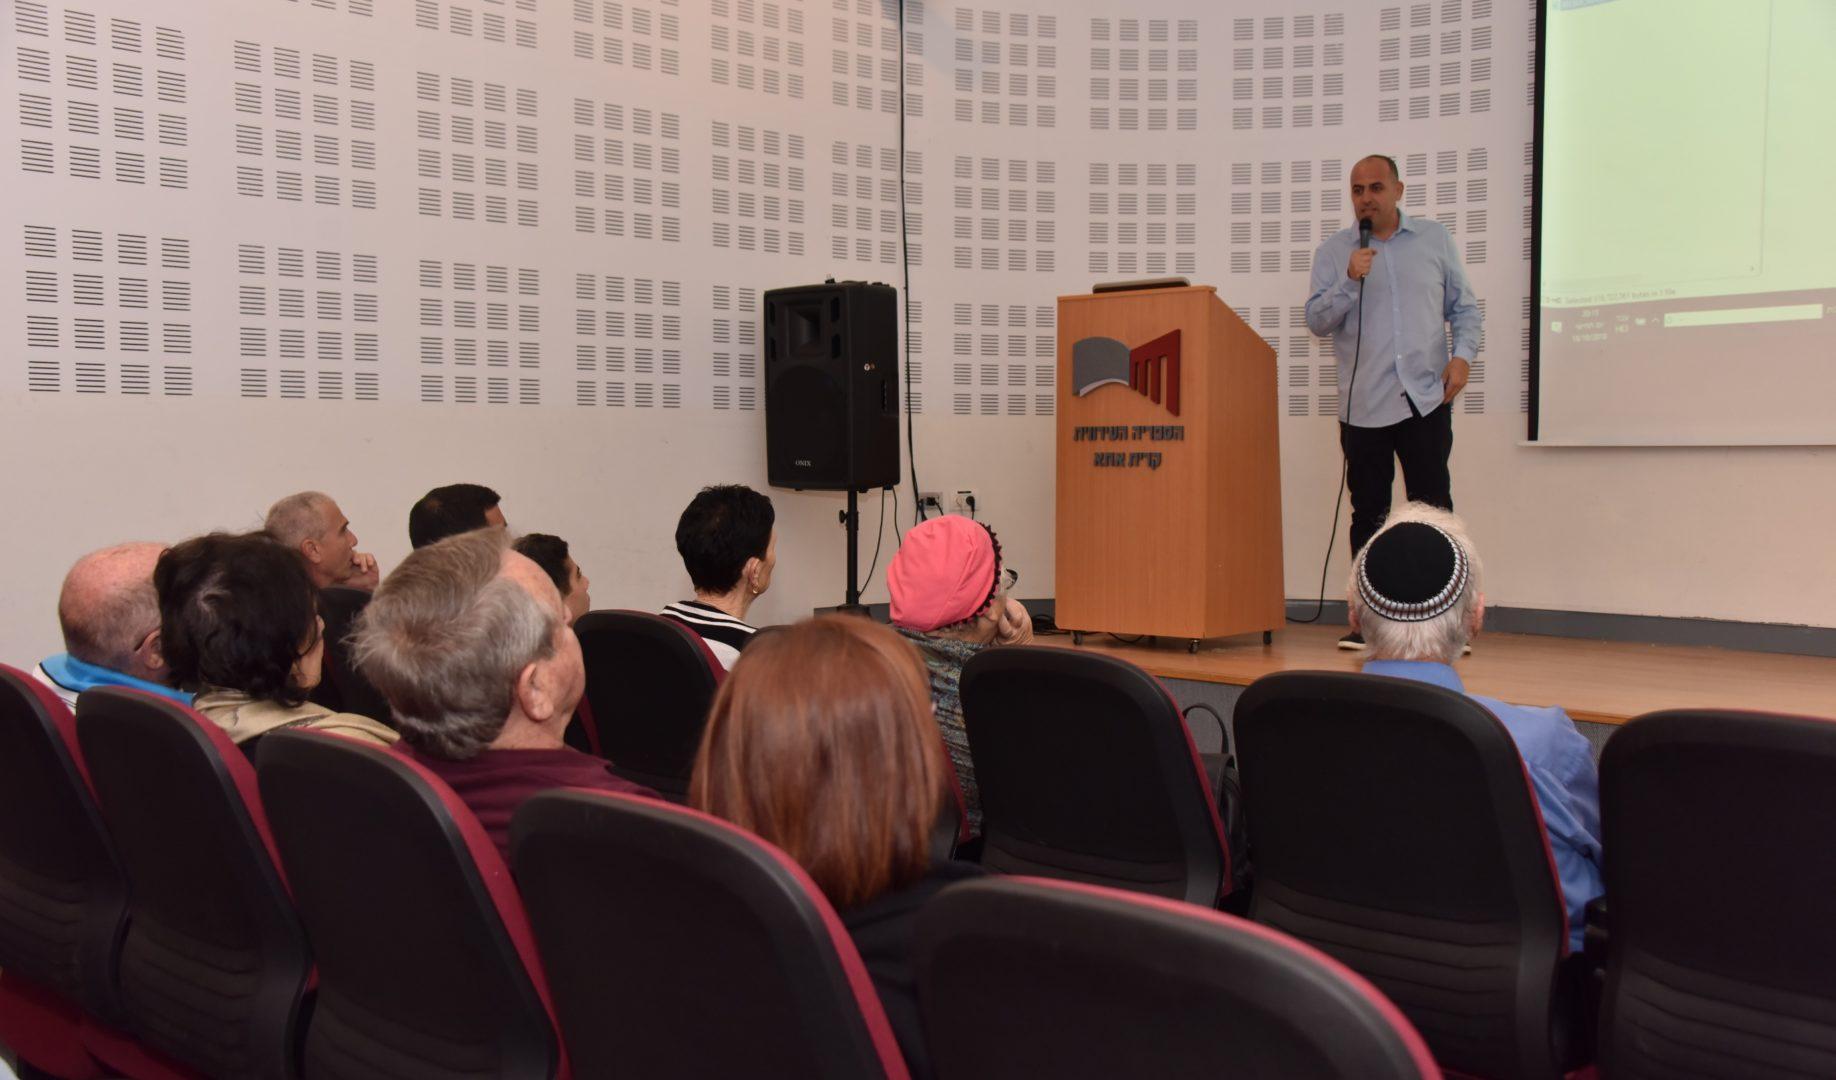 כתב ערוץ 13 אלי לוי בהרצאה